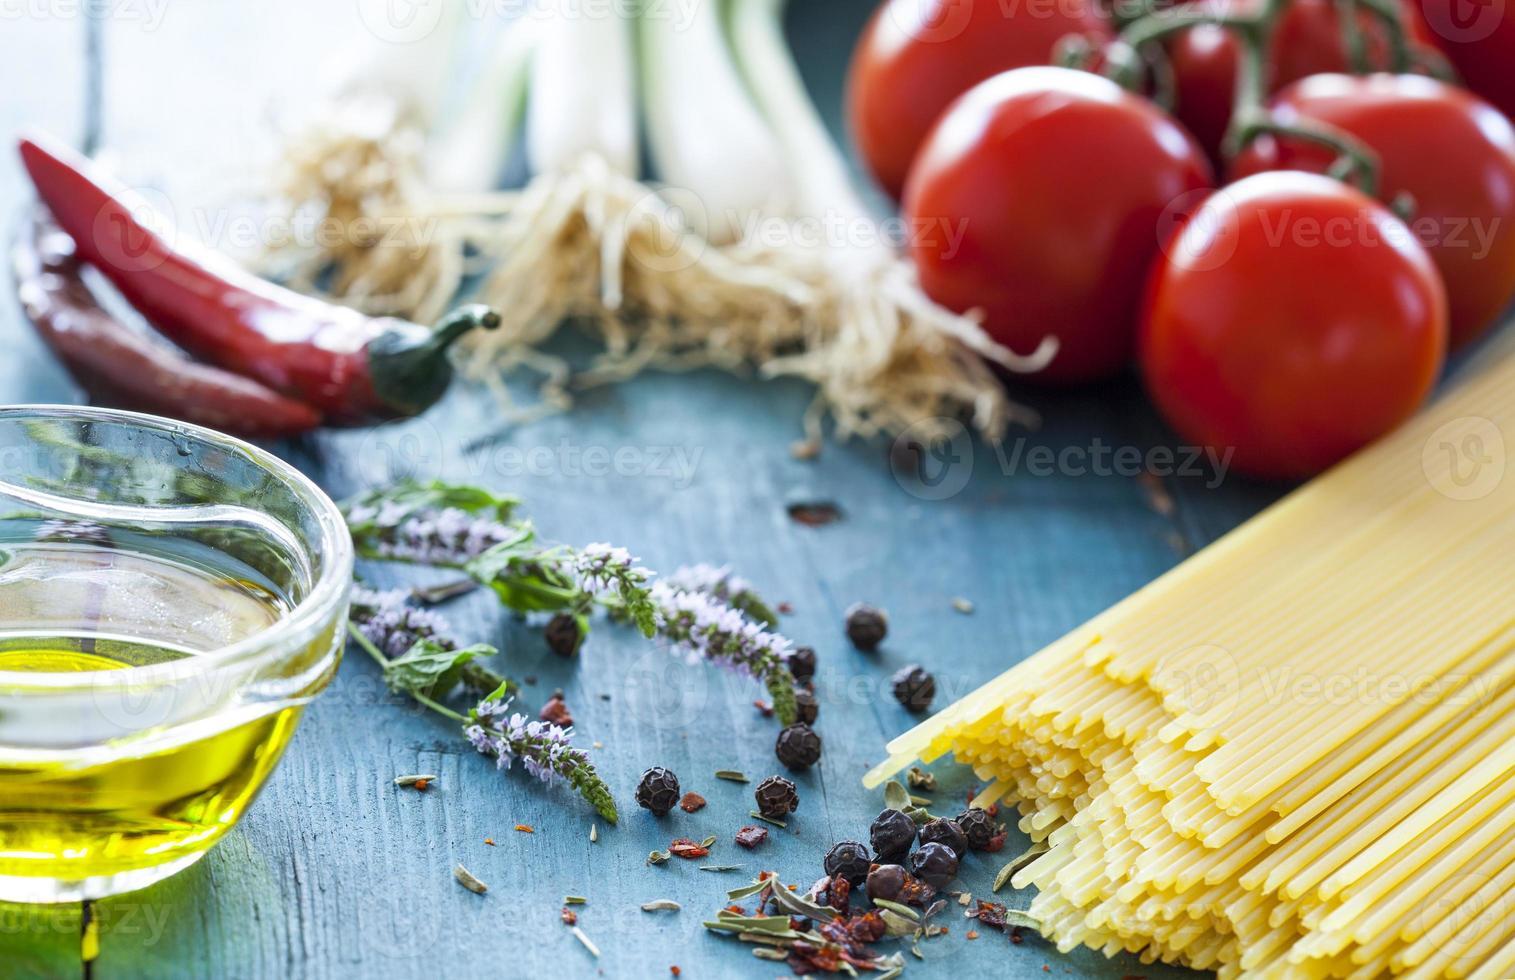 spaghetti et légumes photo